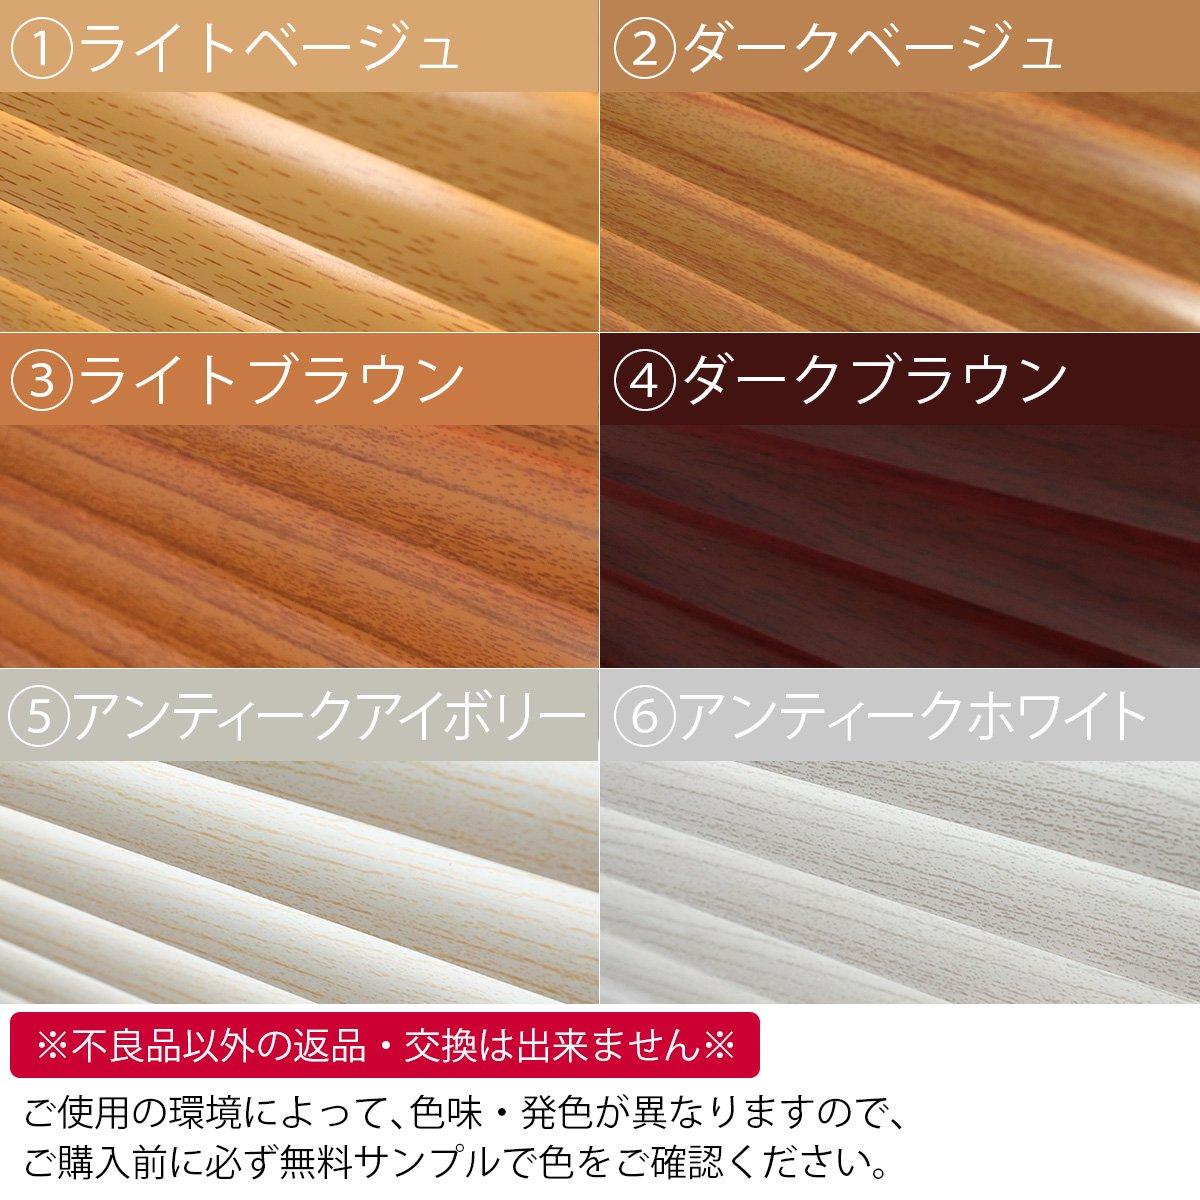 ウッド調のオーダーアルミブラインドのカラー一覧